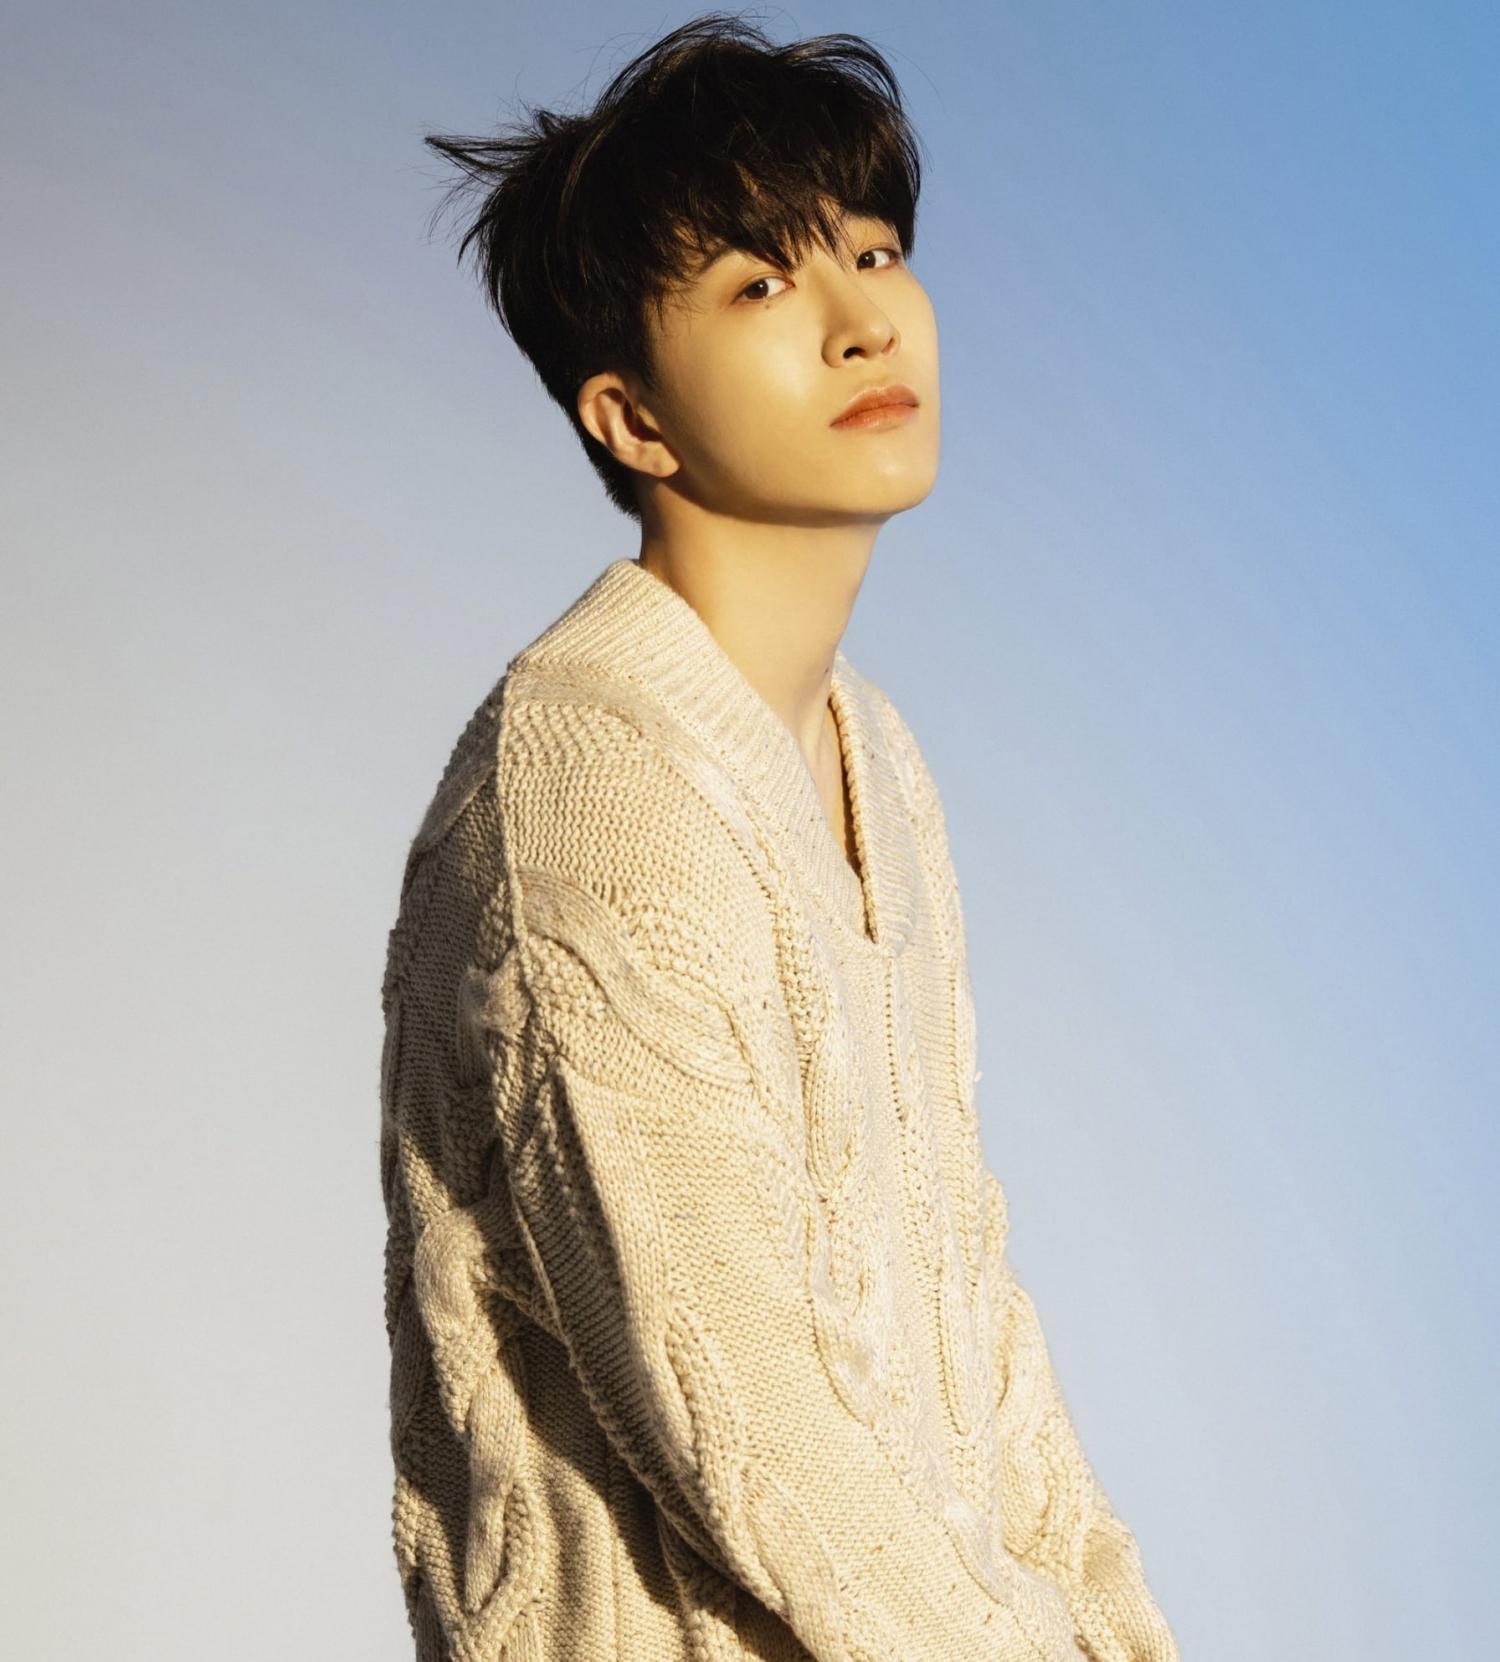 """Sao Hàn ngày 17/9: IU quyên góp 850 triệu won kỷ niệm 13 năm debut; """"LALISA"""" phá kỷ lục album bán chạy nhất tuần đầu"""